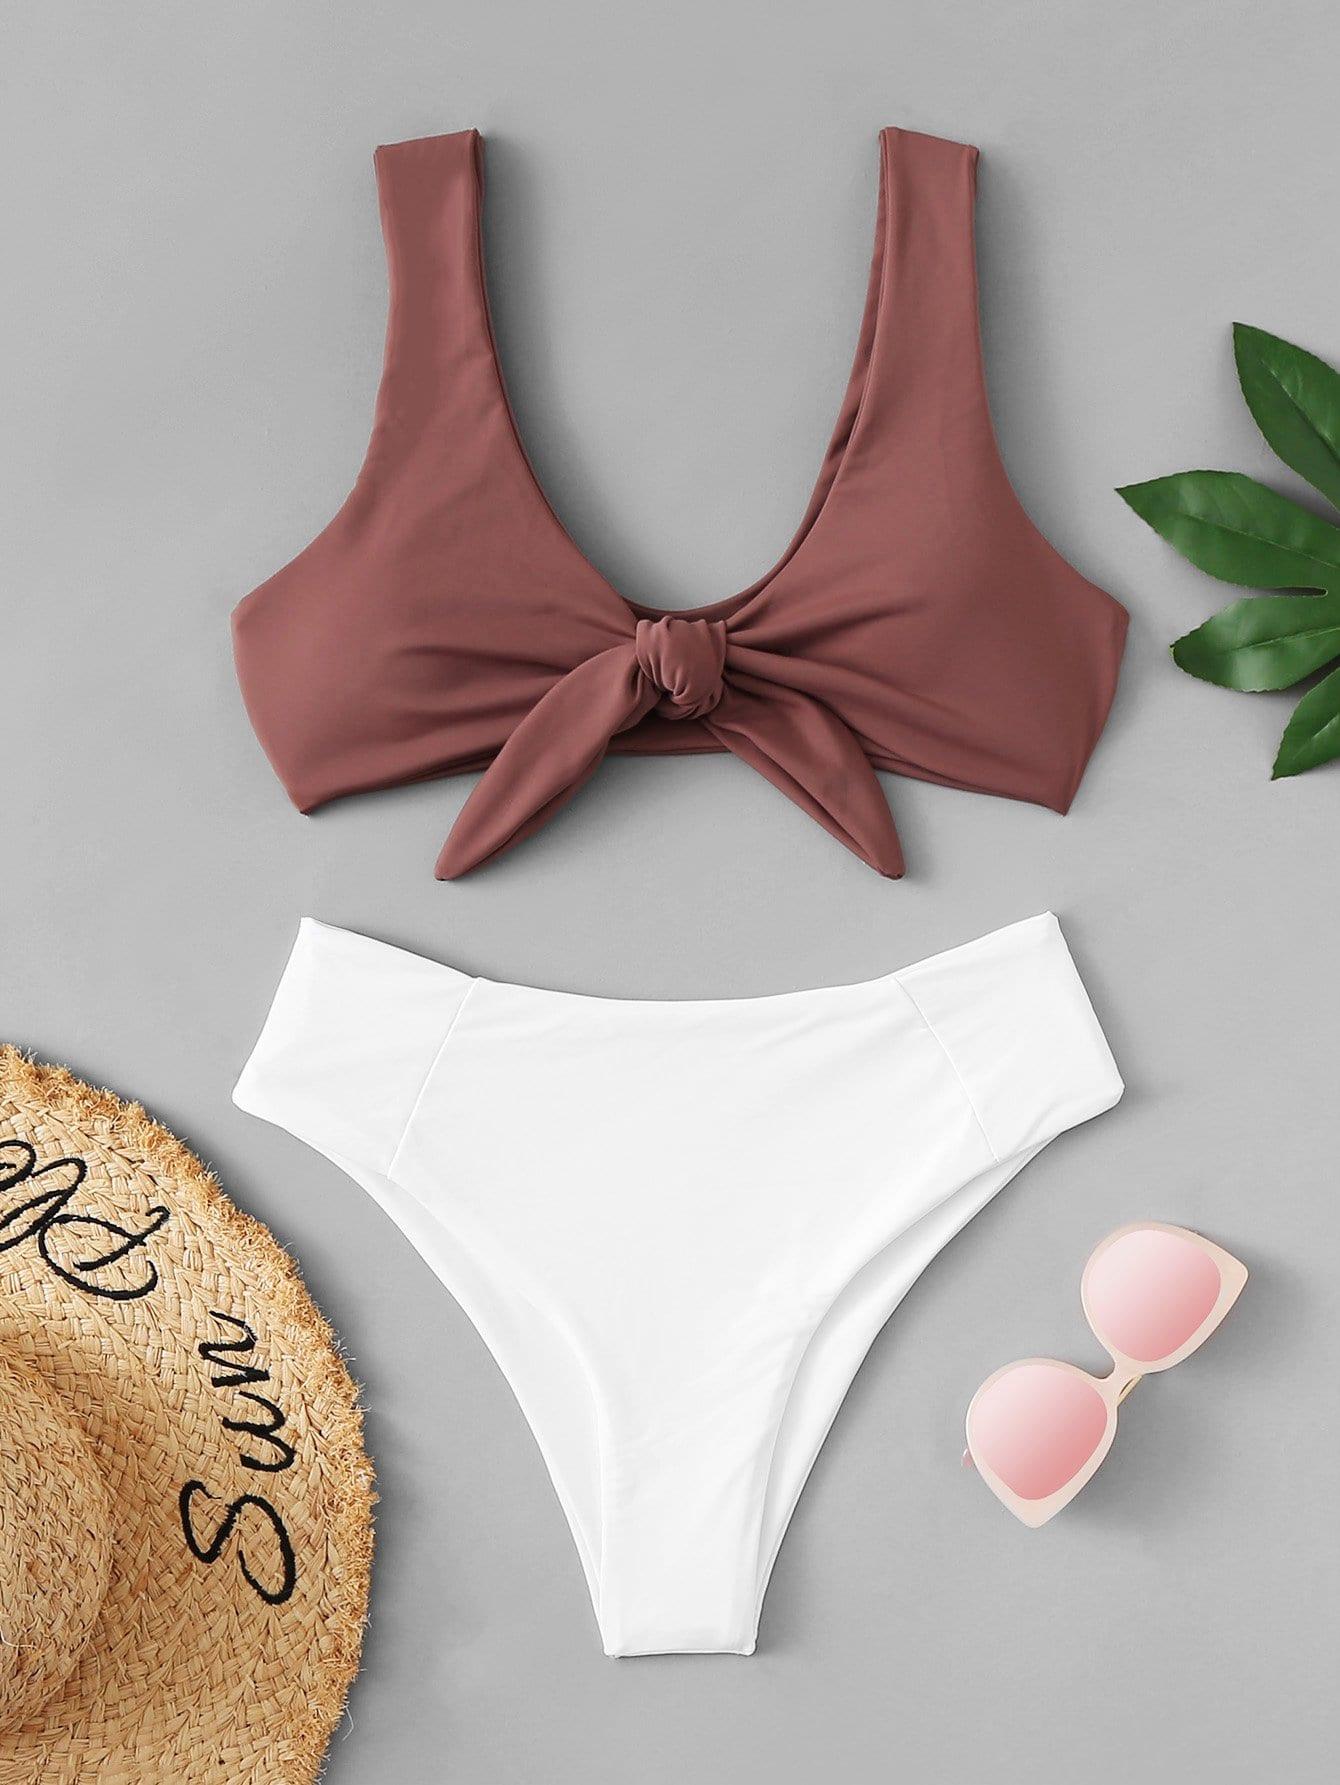 Купить Набор двухцветных бикини и с украшением банта перед одежды, null, SheIn